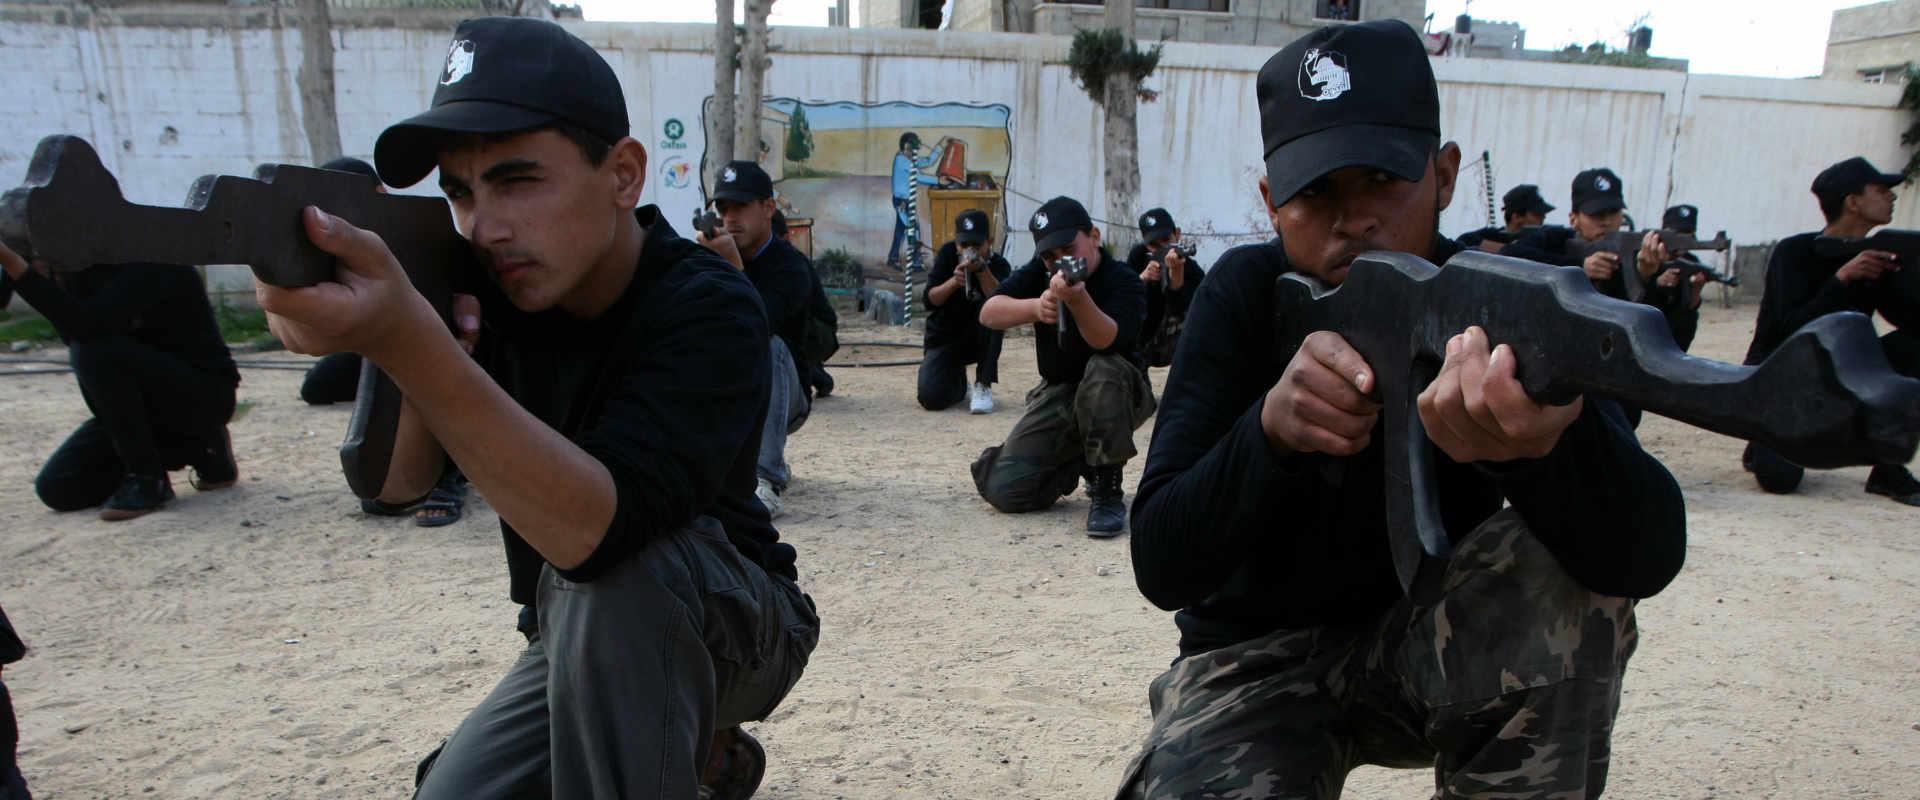 אימון של מנגנוני הביטחון הפלסטיניים